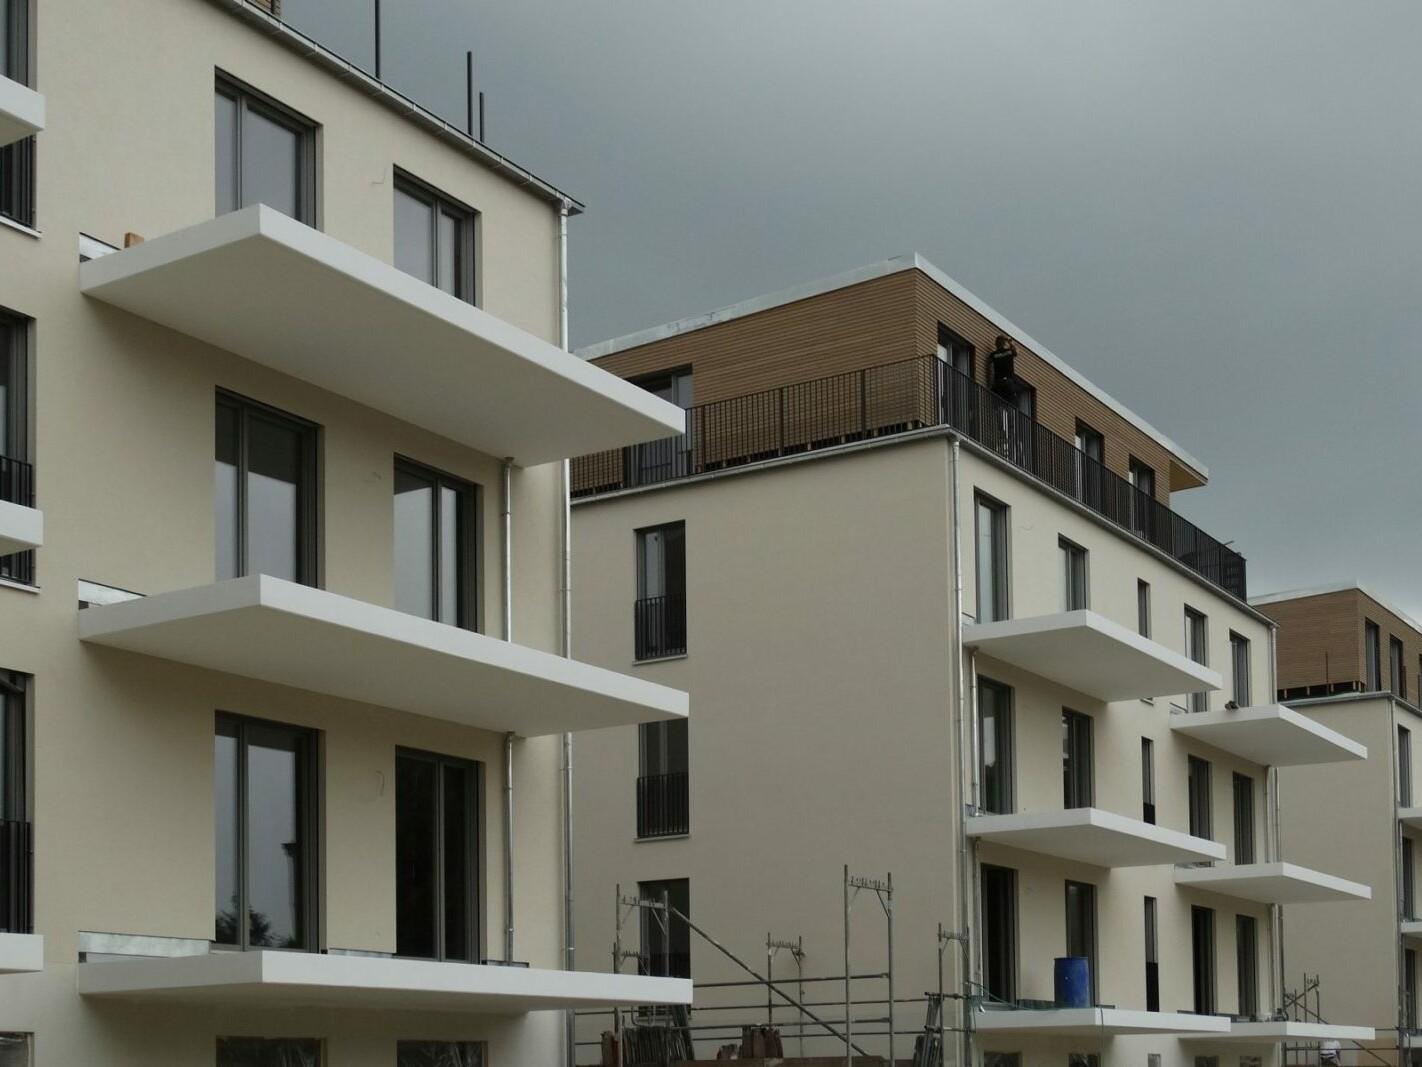 Gartenfassade zur Bauzeit